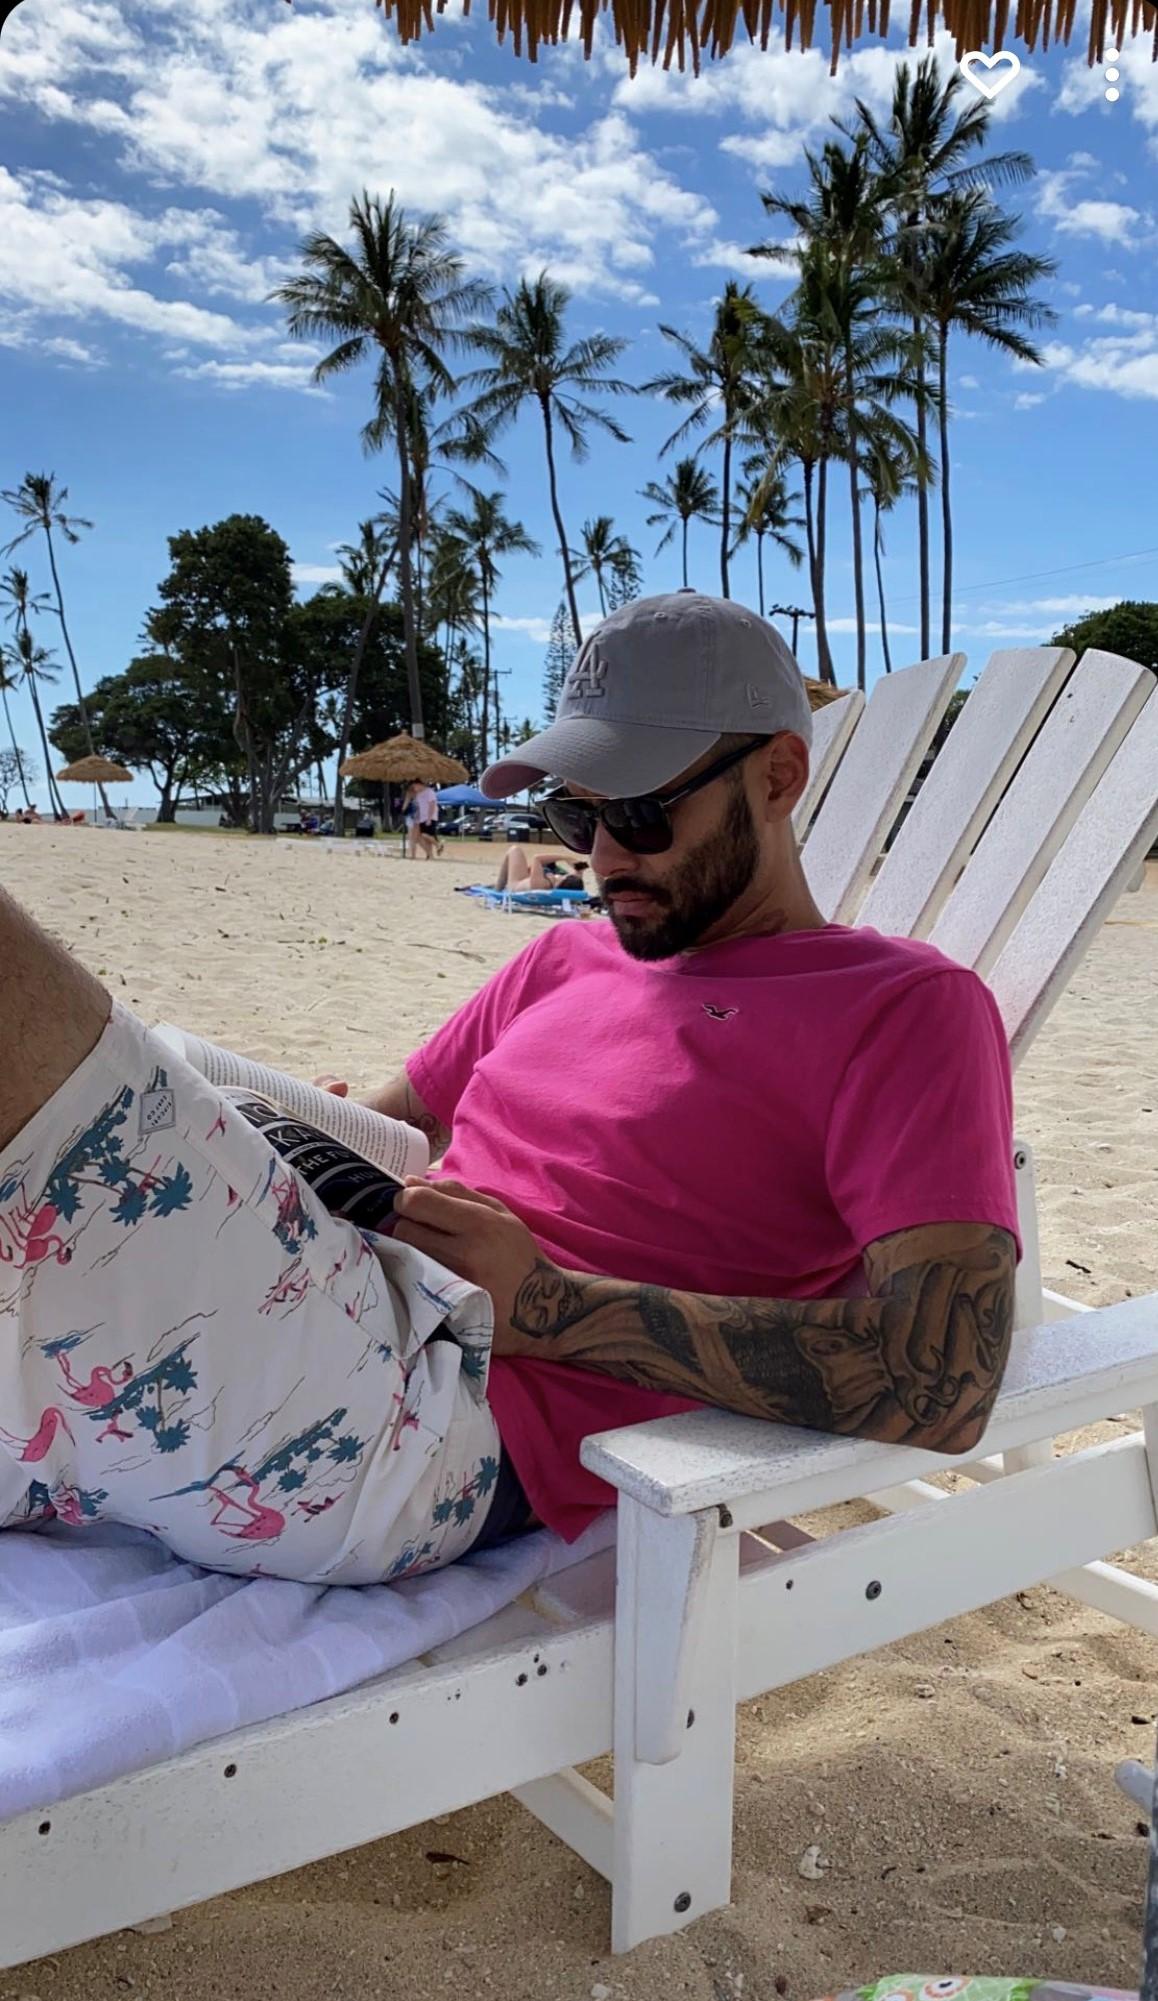 Justin Alpert Hawaii chilling